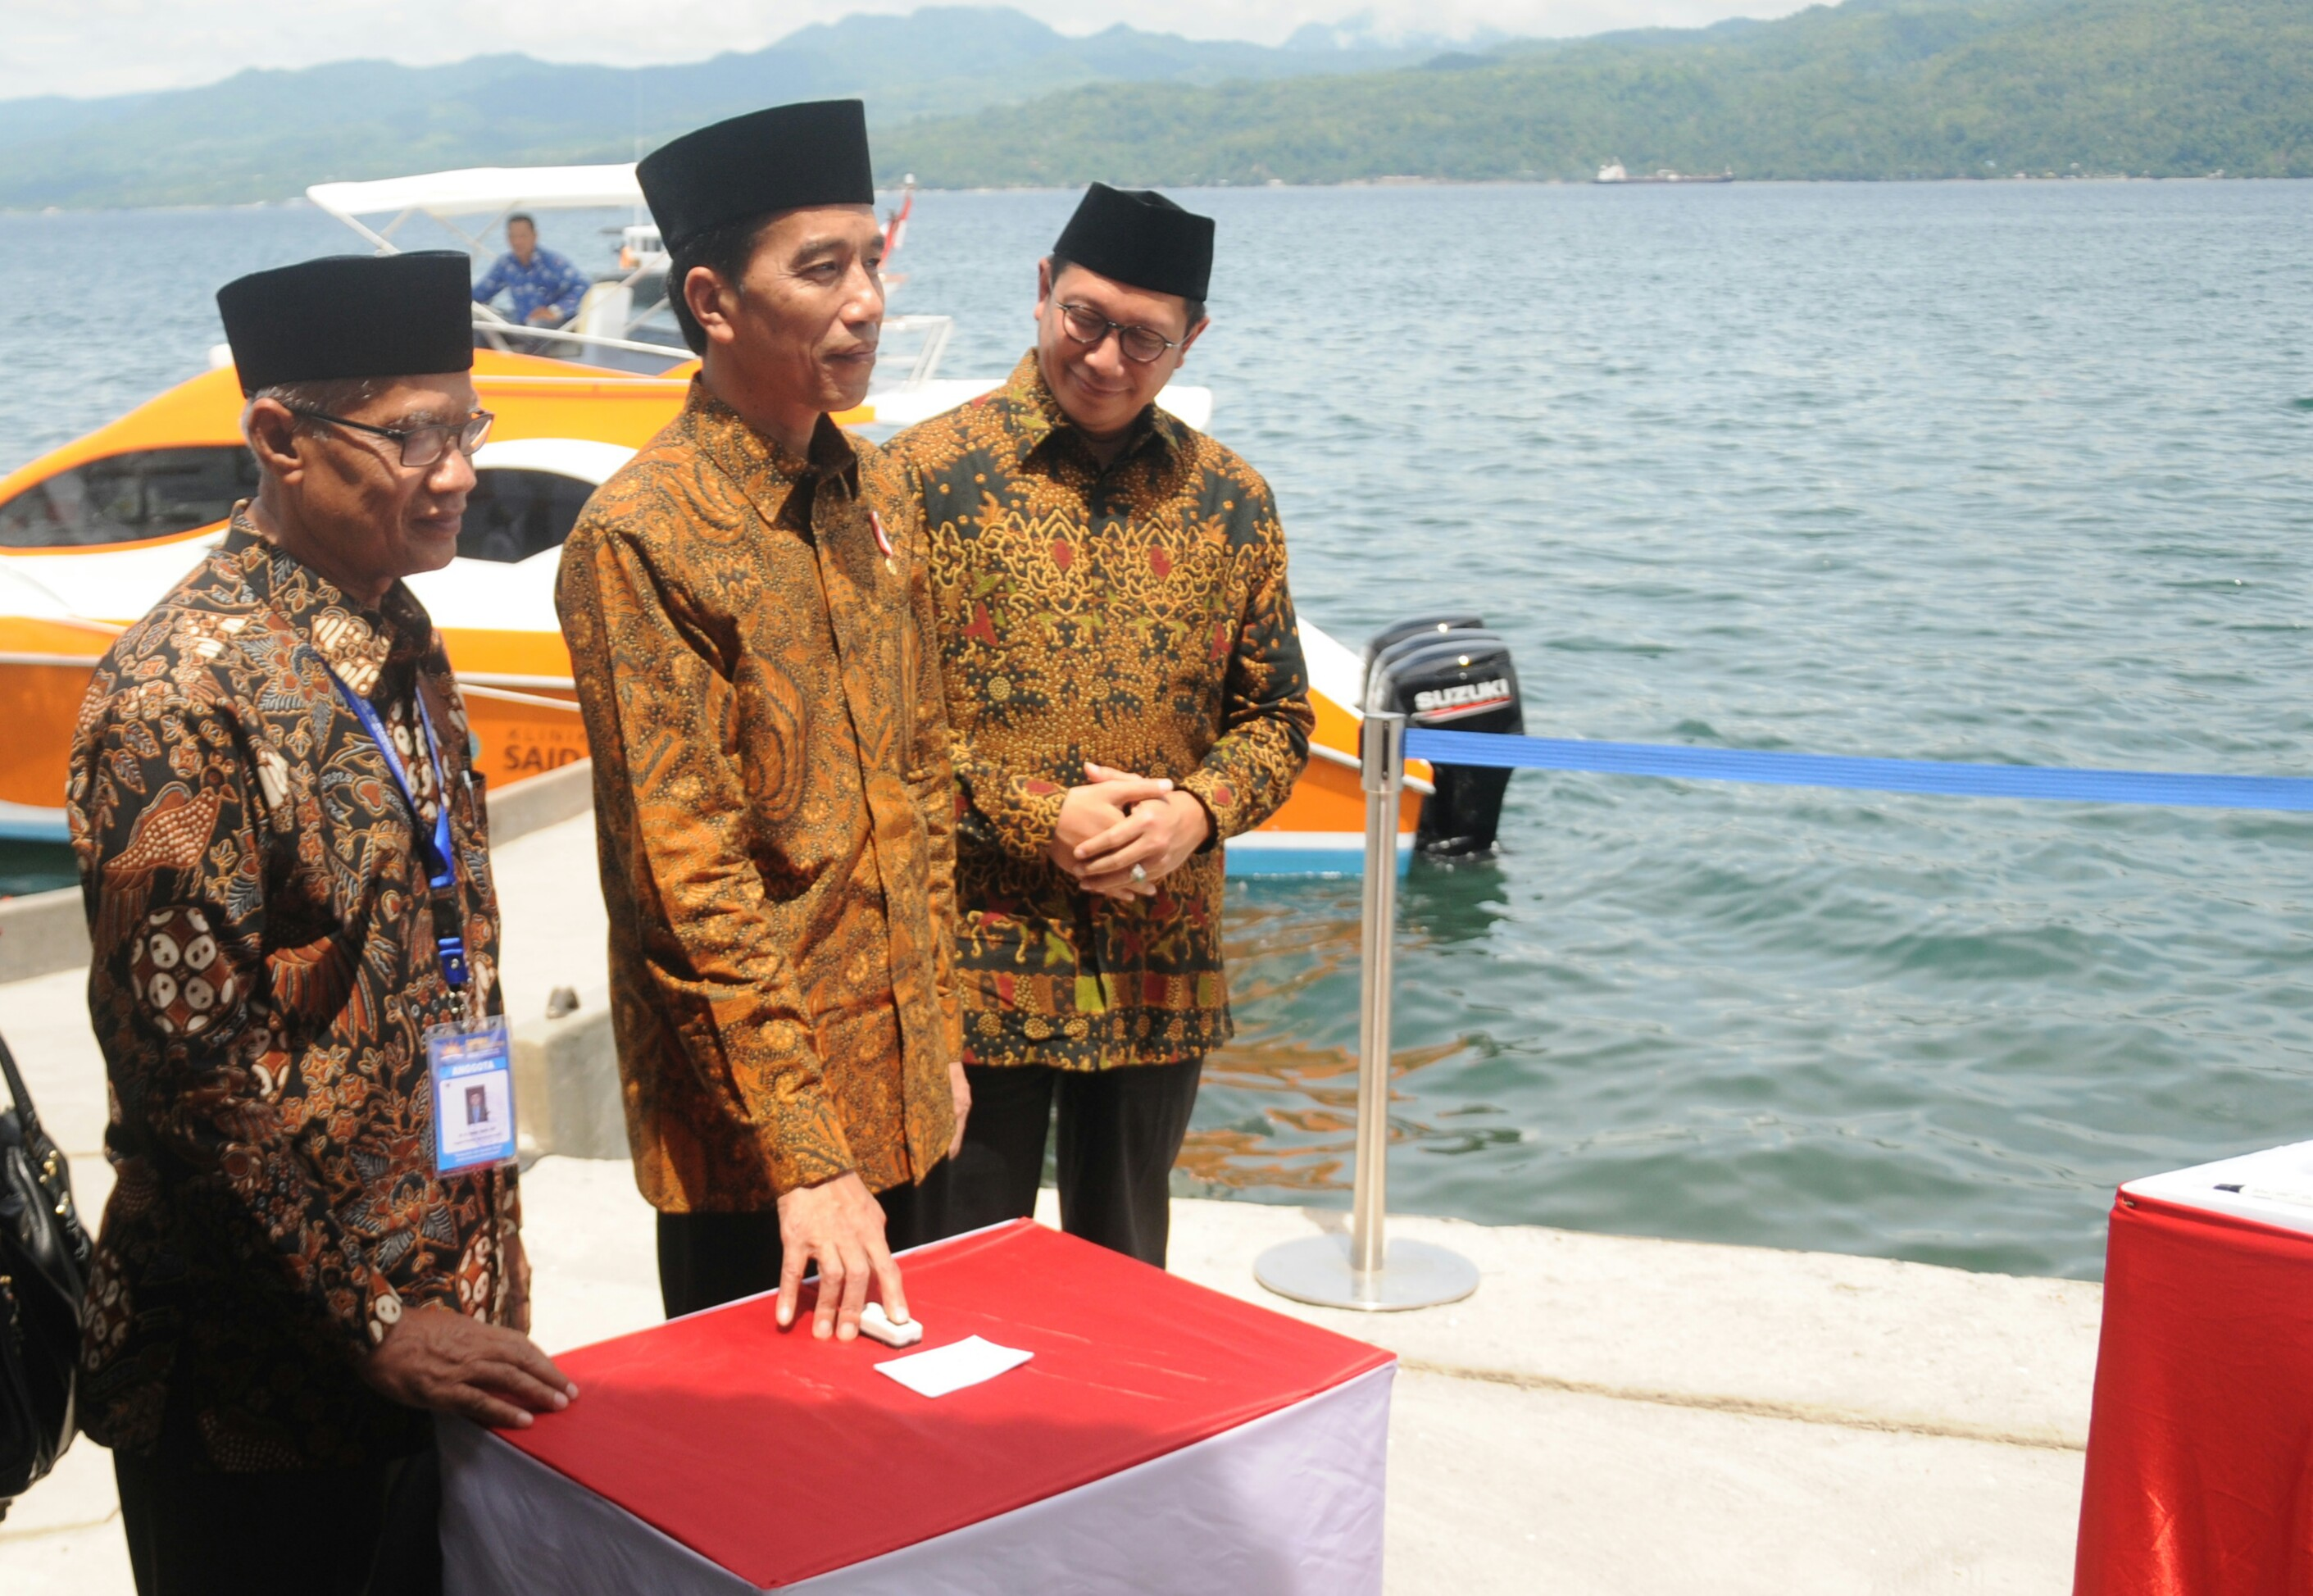 Presiden saat meresmikan klinik apung di Ambon, Maluku (24/2). (Foto: Humas/Rahmat)